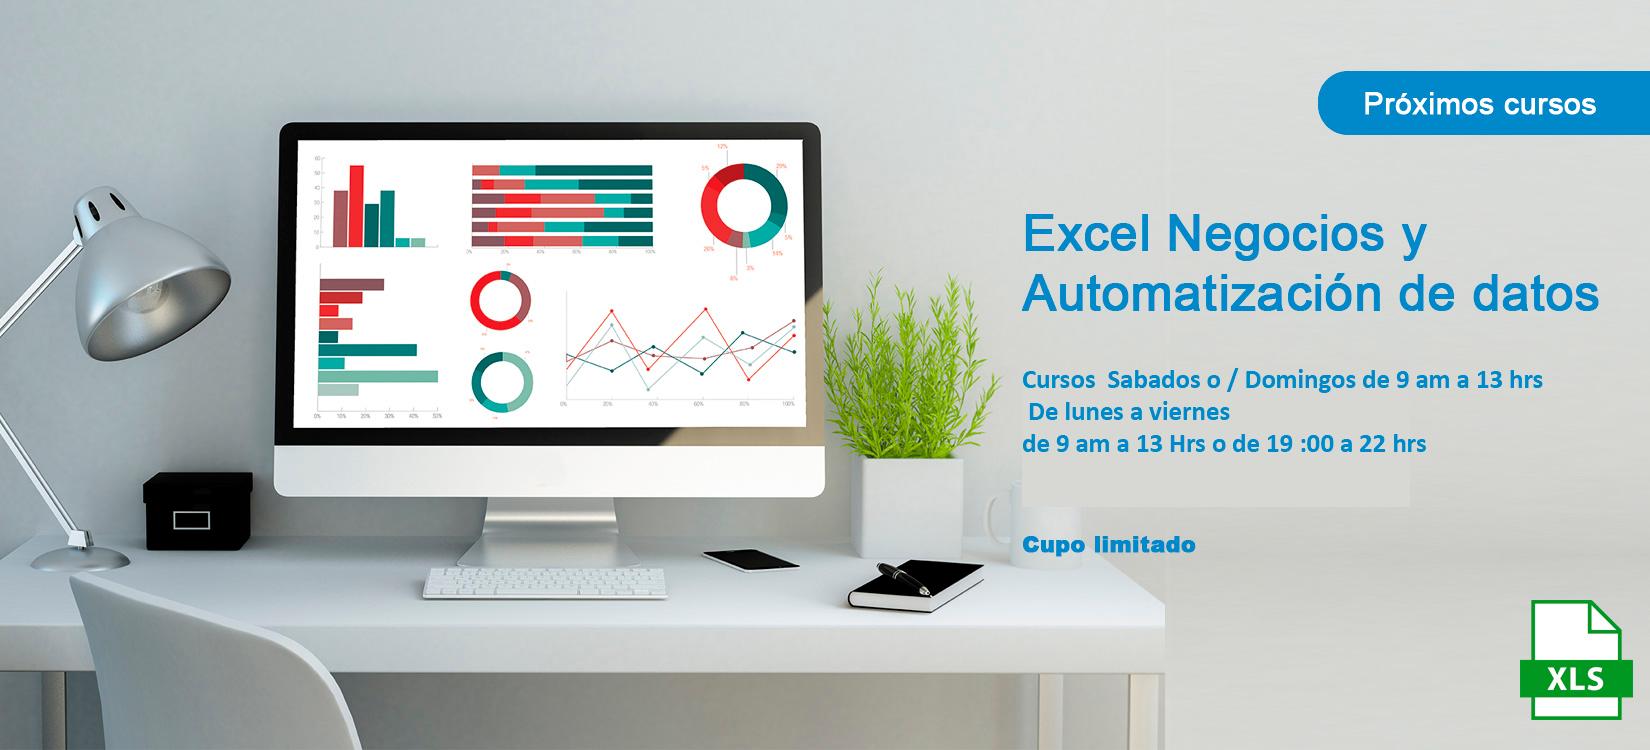 excel negoxios y automatizacion de datos